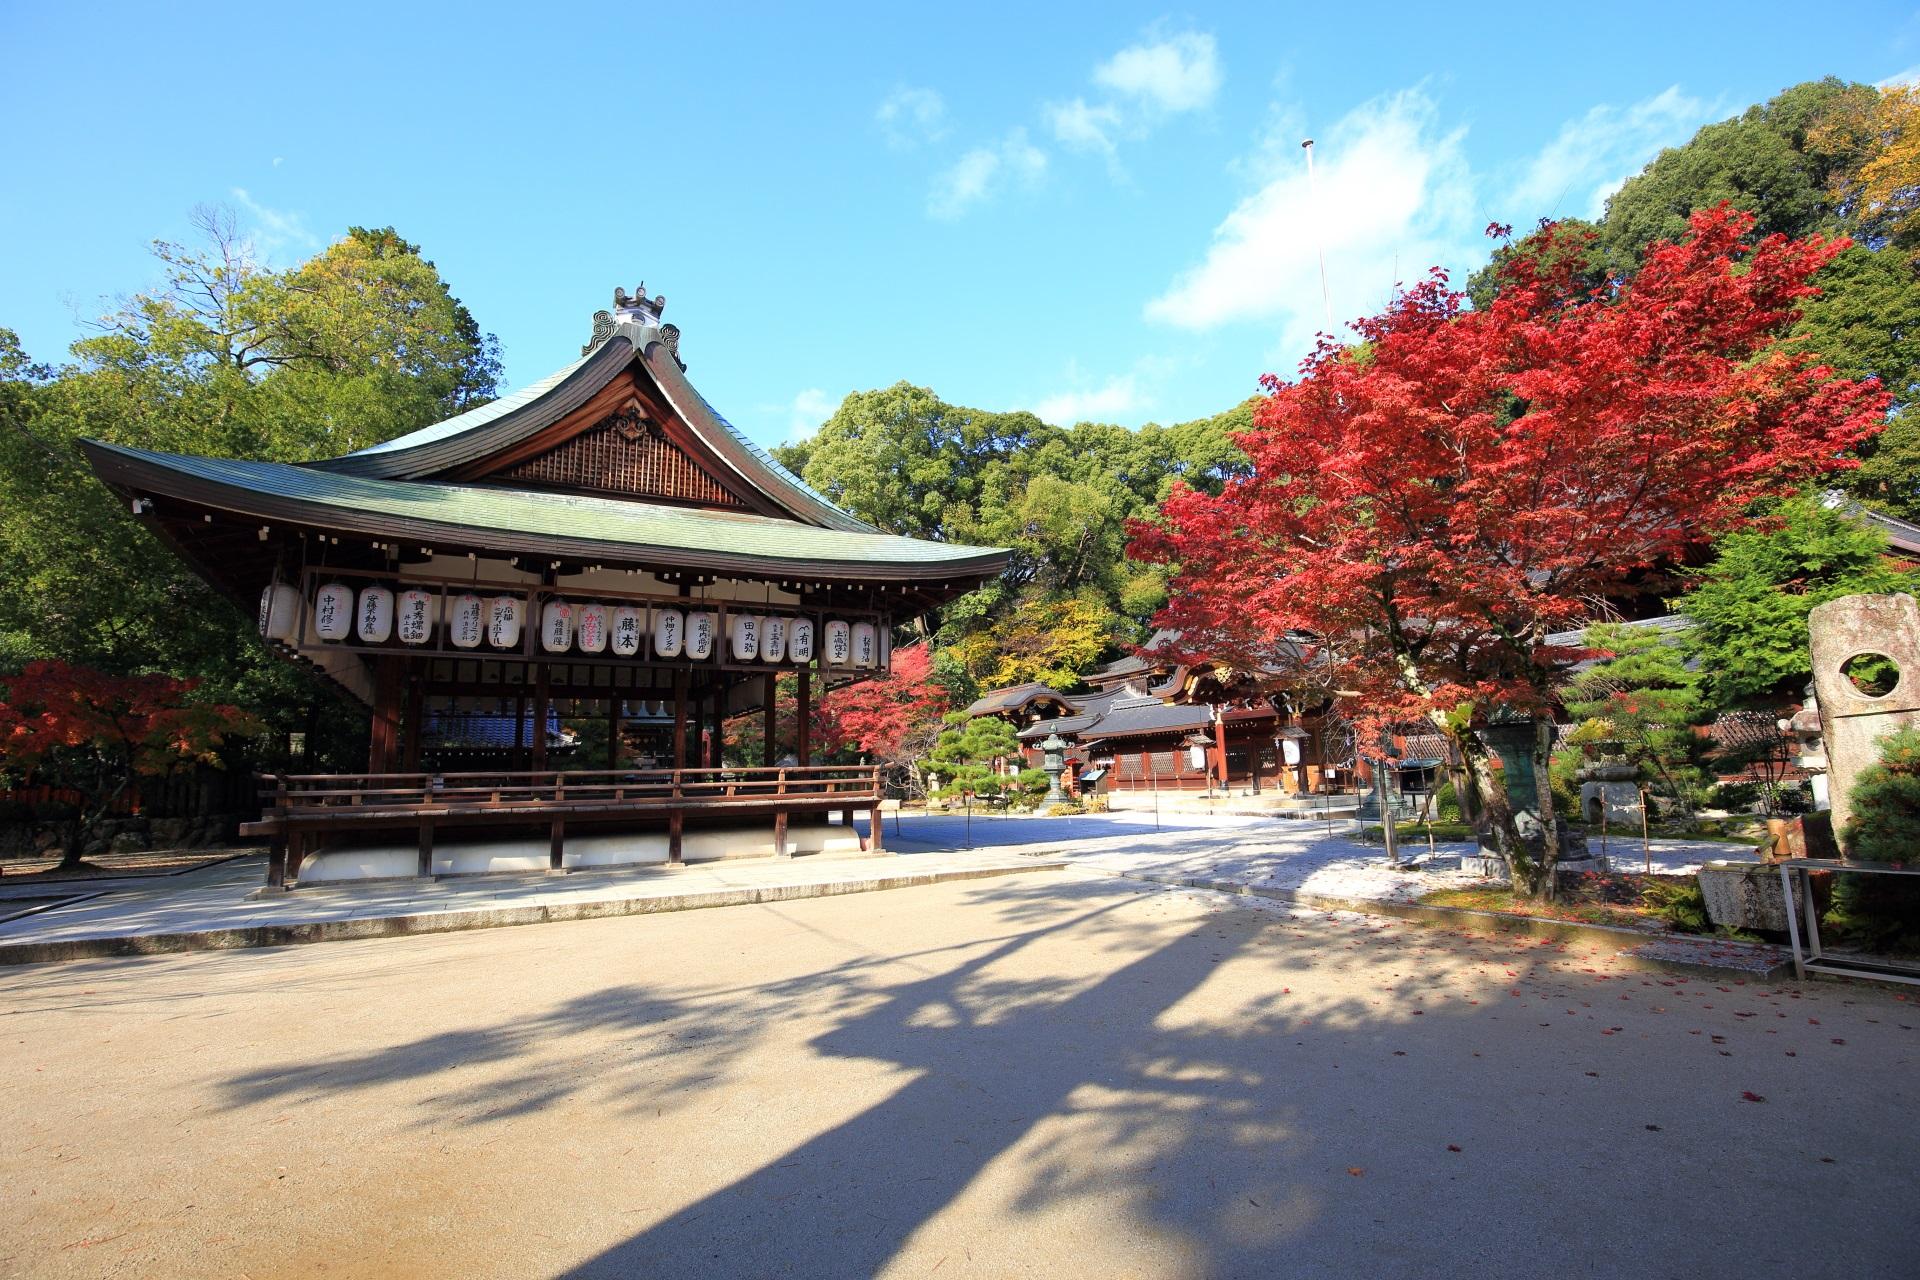 今宮神社の拝殿と本殿と境内を華やぐ燃えるような紅葉